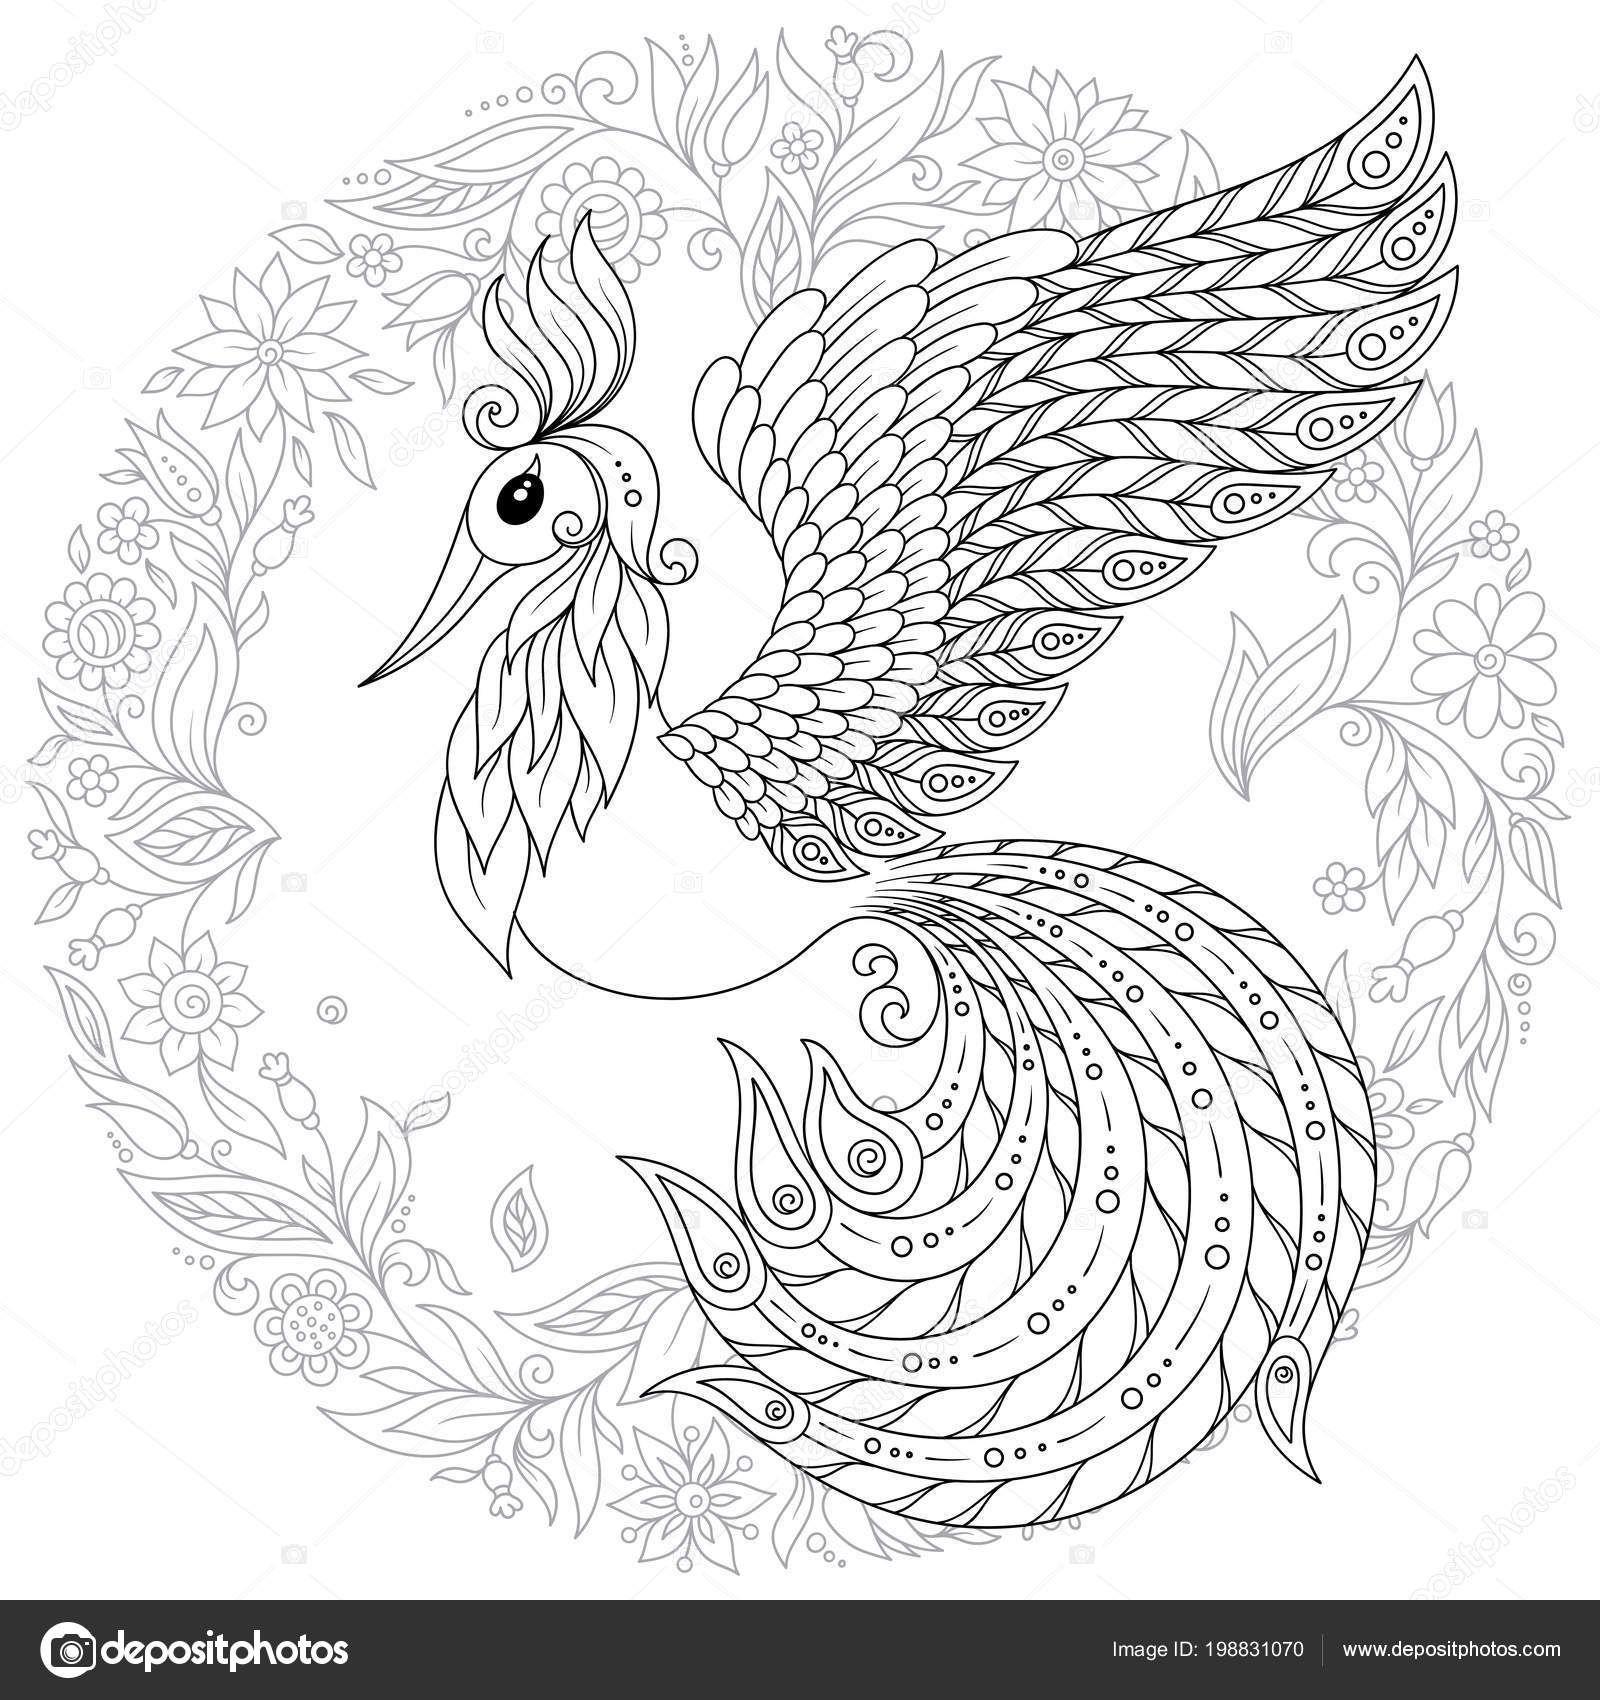 Schattig Zangvogels Fantasie Bloementuin Dieren Hand Getrokken Doodle Etnische Patronen Kleurplaten Voor Volwassenen Dieren Kleurplaten Patroon Illustratie